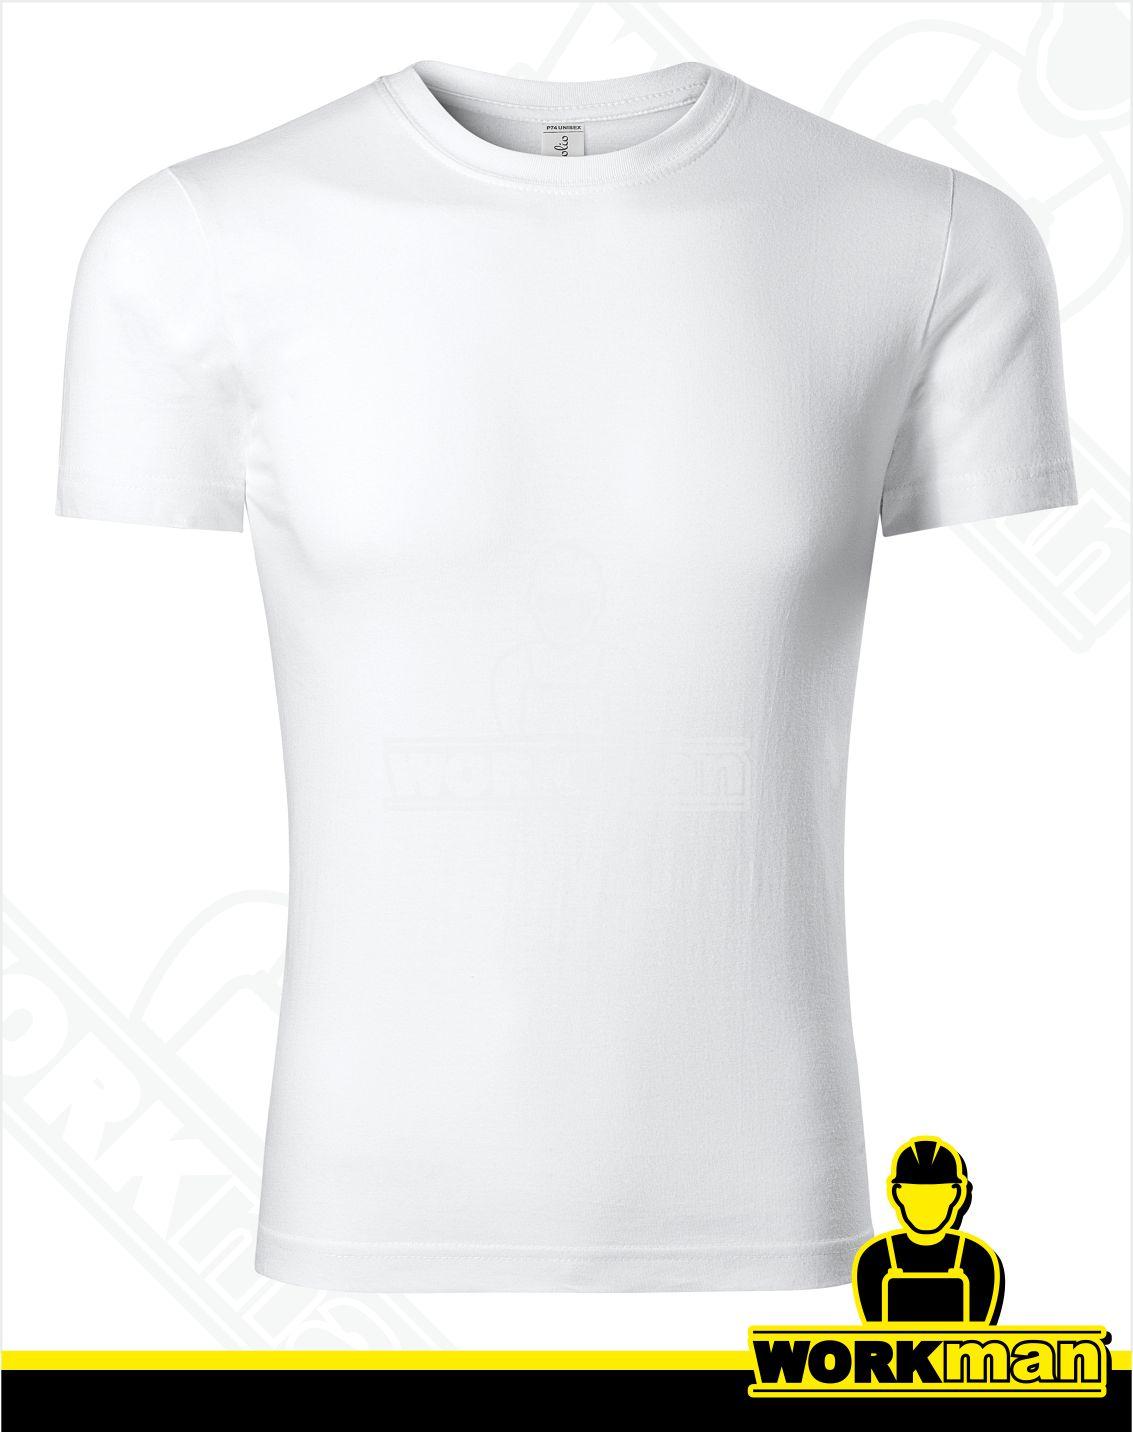 59147b08ebc3 Unisex tričko PEAK Piccolio Pracovné odevy WORKMAN